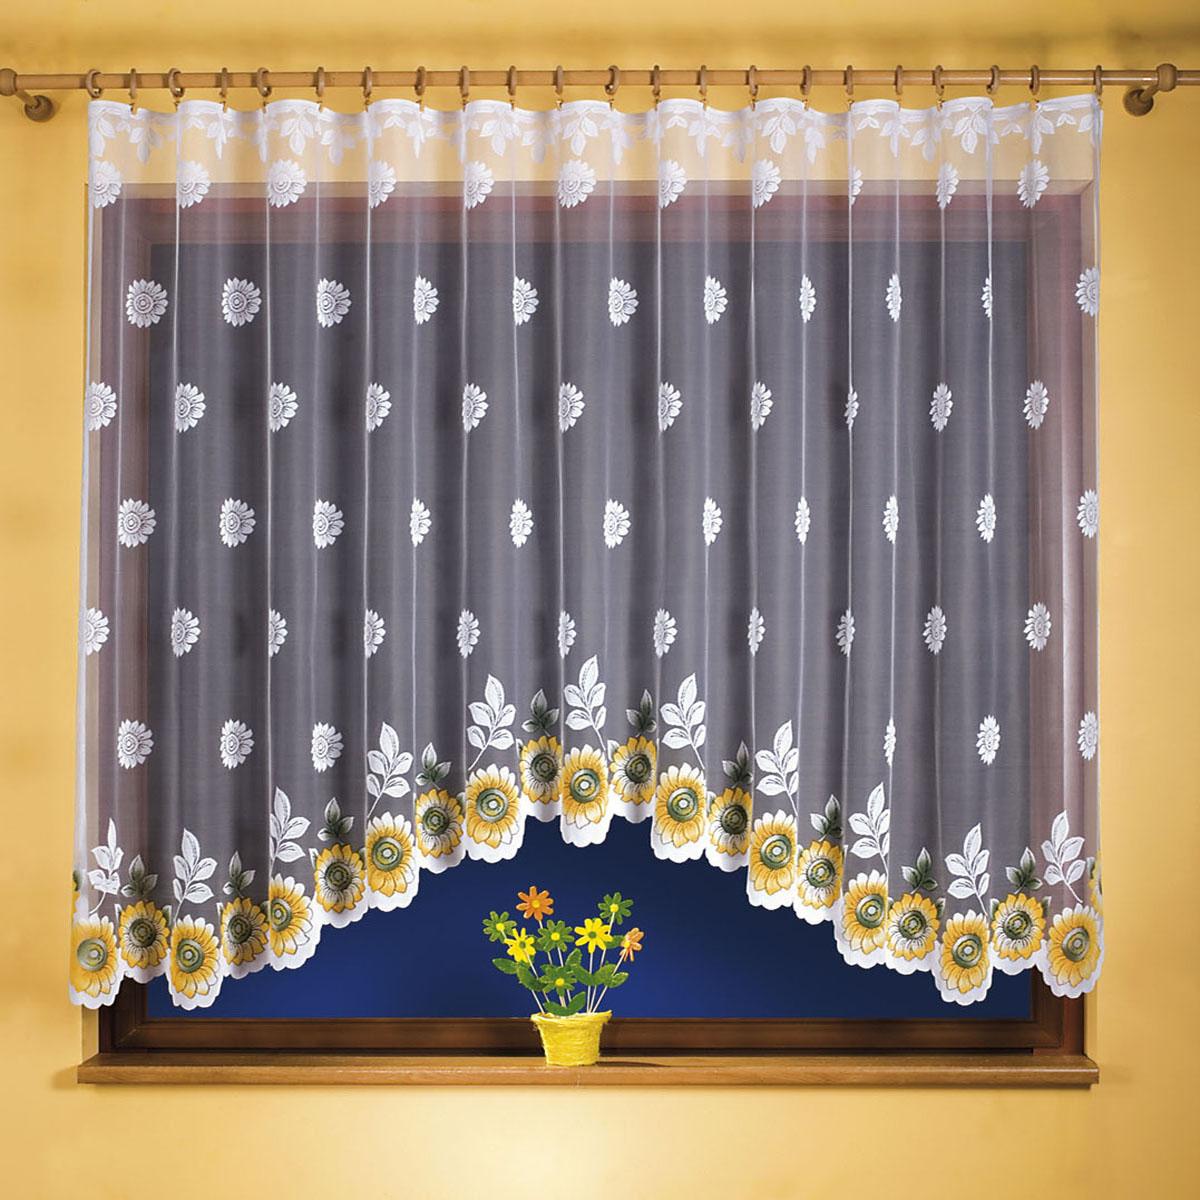 Гардина Wisan, цвет: белый, ширина 300 см, высота 150 см. 97709770Гардина жаккардовая, крепление зажимы для штор. Размеры: ширина 300*высота 150